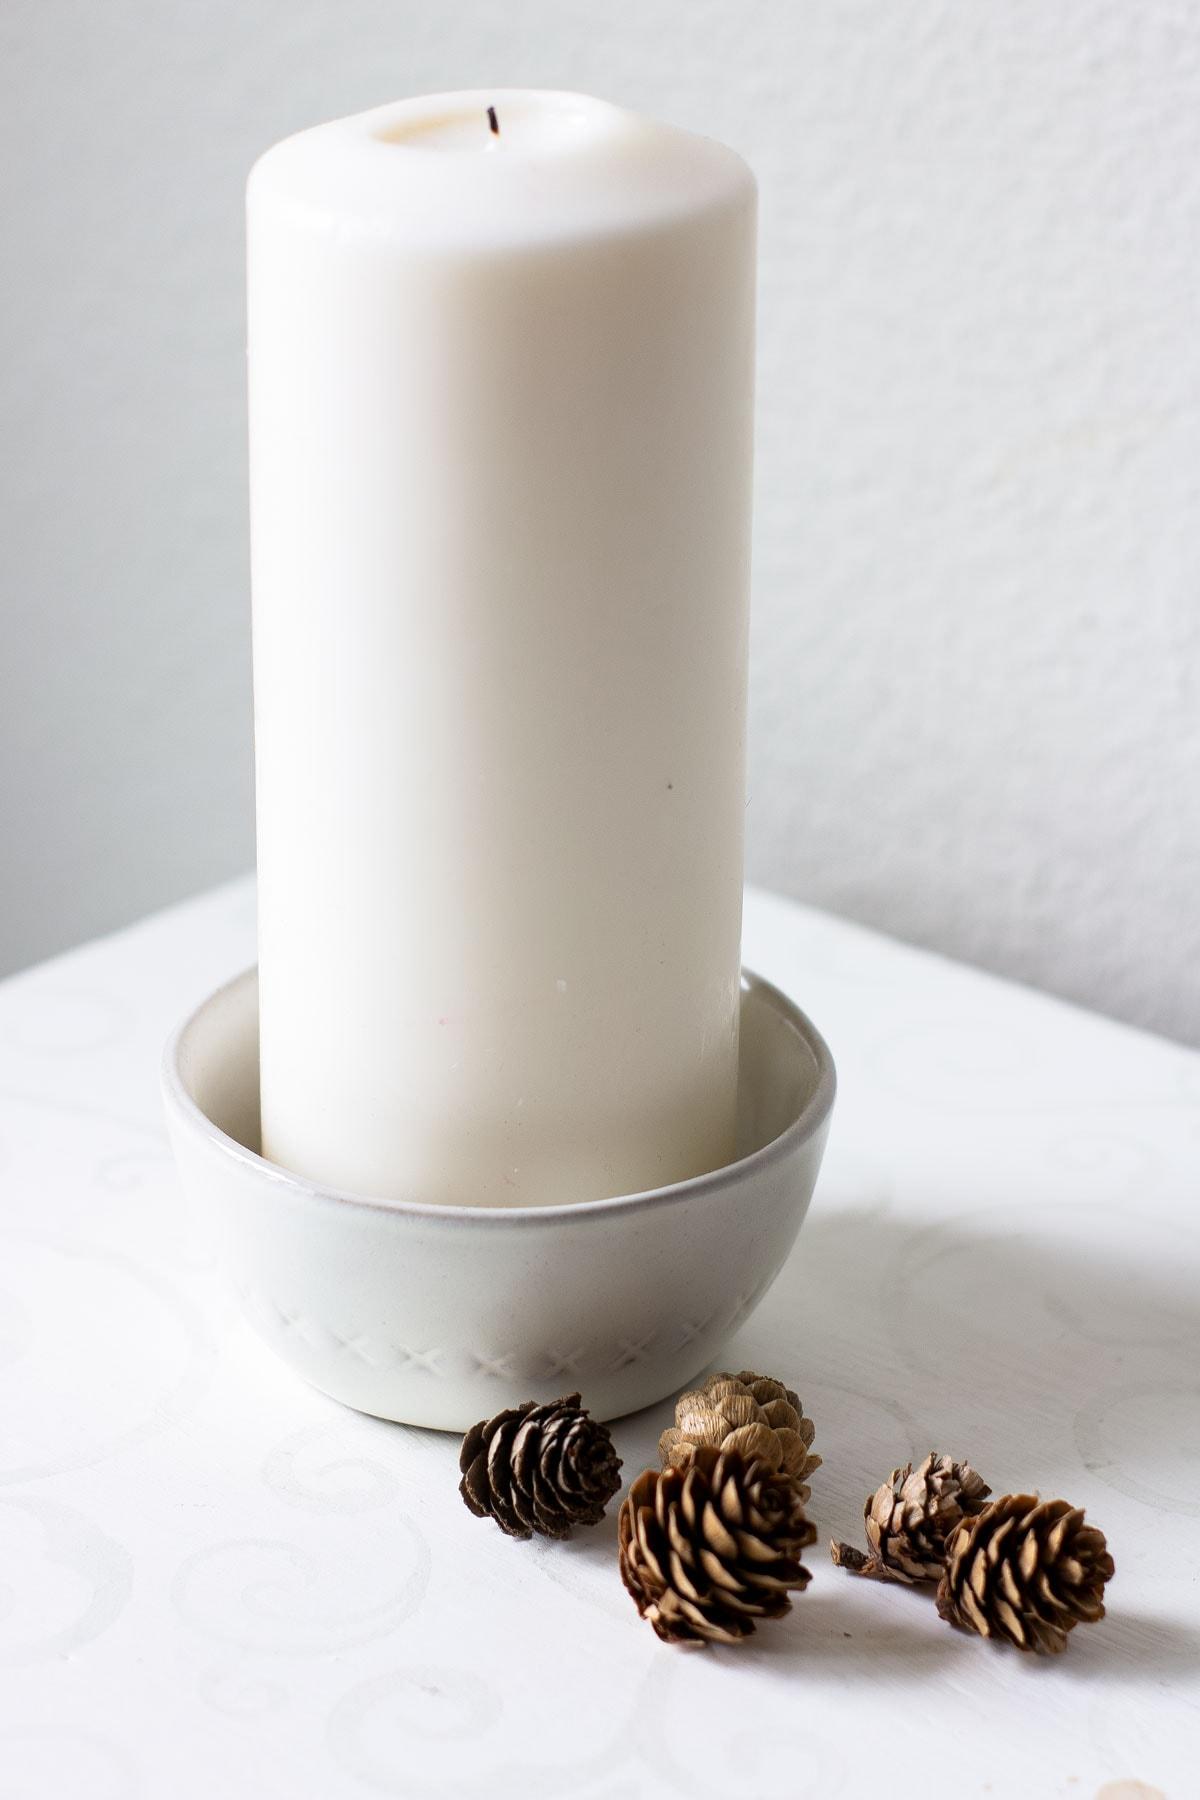 pillar candle in ceramic bowl with mini pine cones